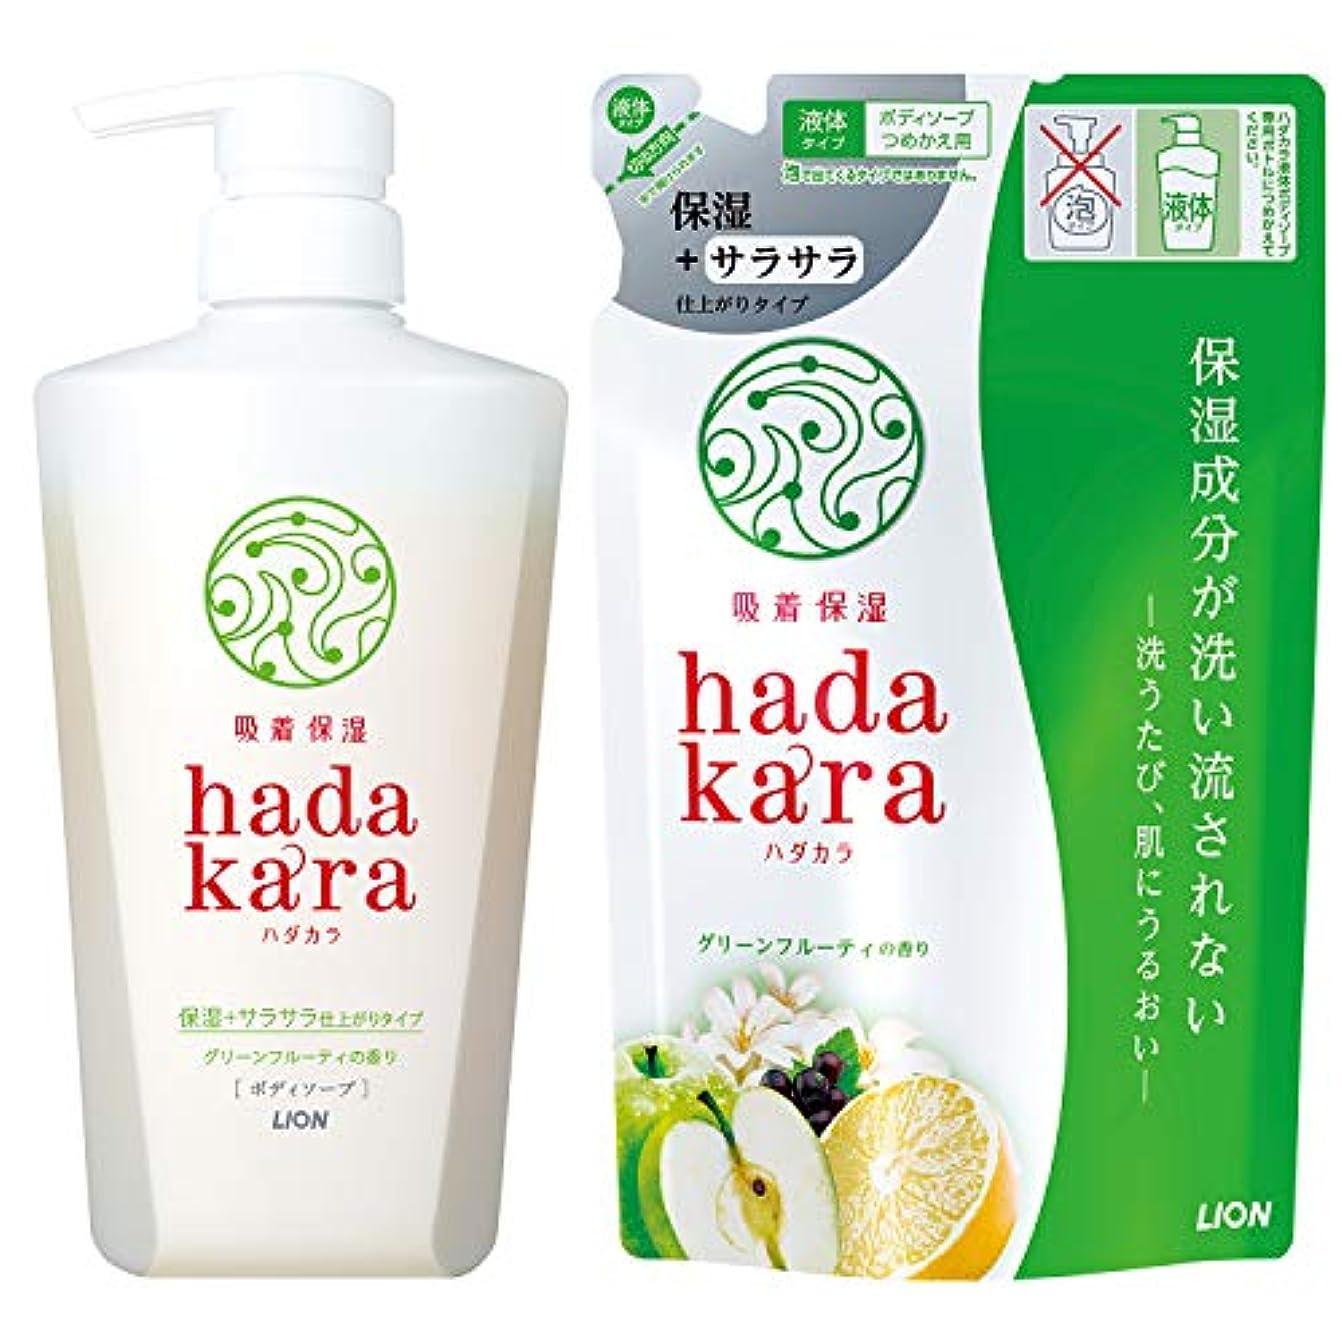 医学ヒップによるとhadakara(ハダカラ) ボディソープ 保湿+サラサラ仕上がりタイプ グリーンフルーティの香り (本体480ml+つめかえ340ml) グリーンフルーティ(保湿+サラサラ仕上がり) +